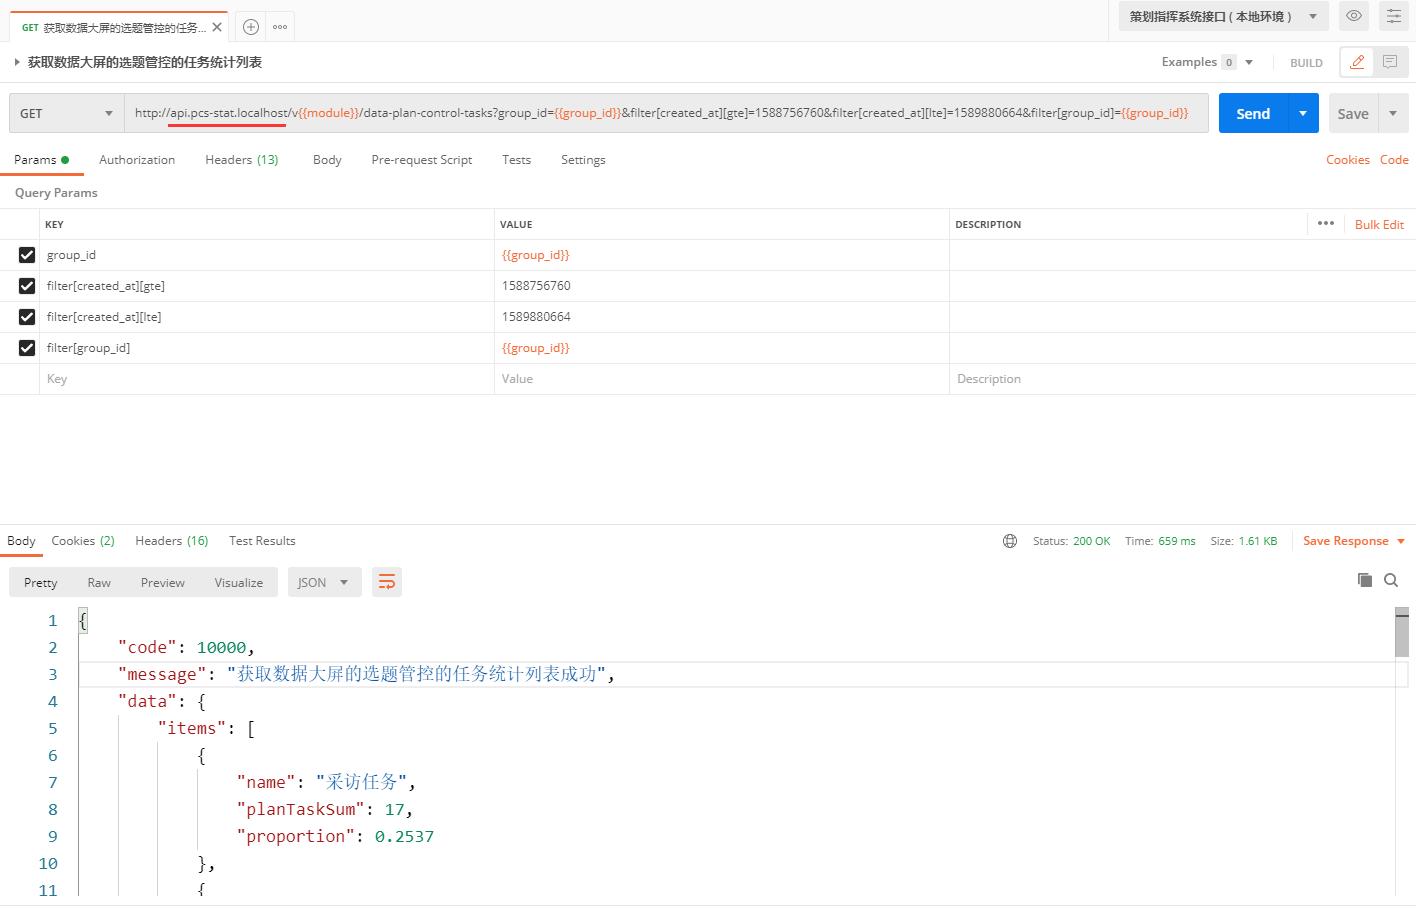 在 api.pcs-stat.localhost 下,一个标准的 RESTful API。方法文件中的代码如下(一位同事所编写)。